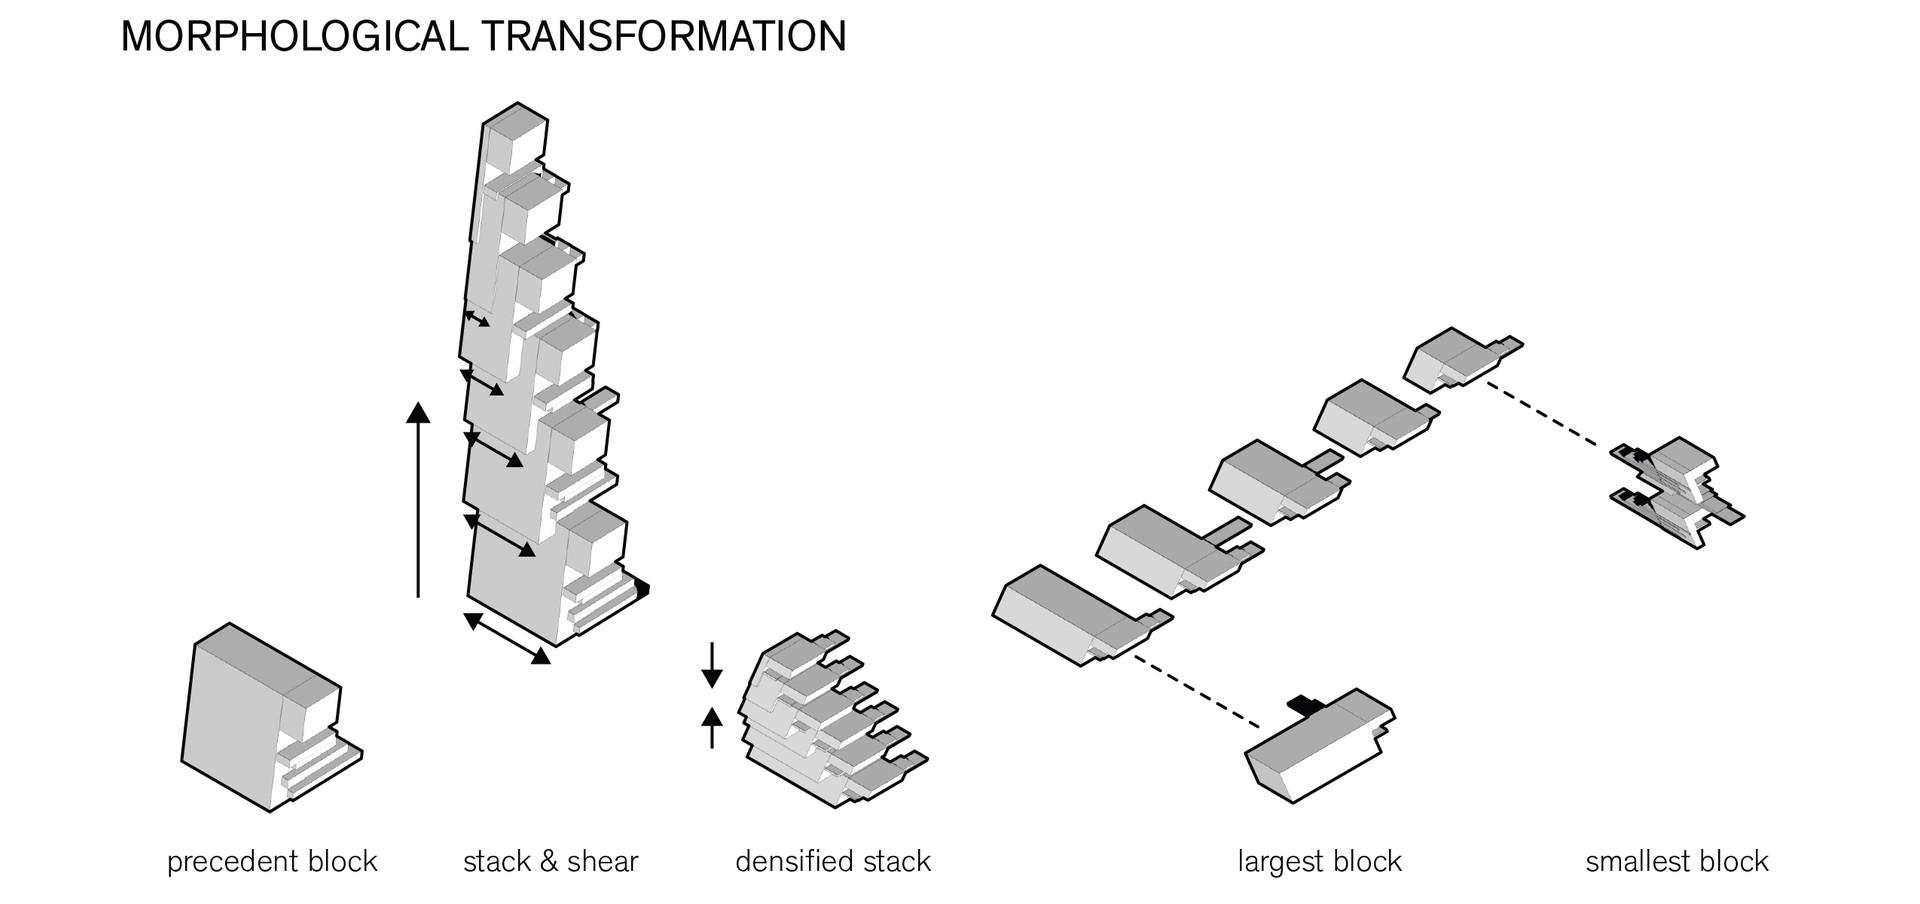 Morphological Transformation